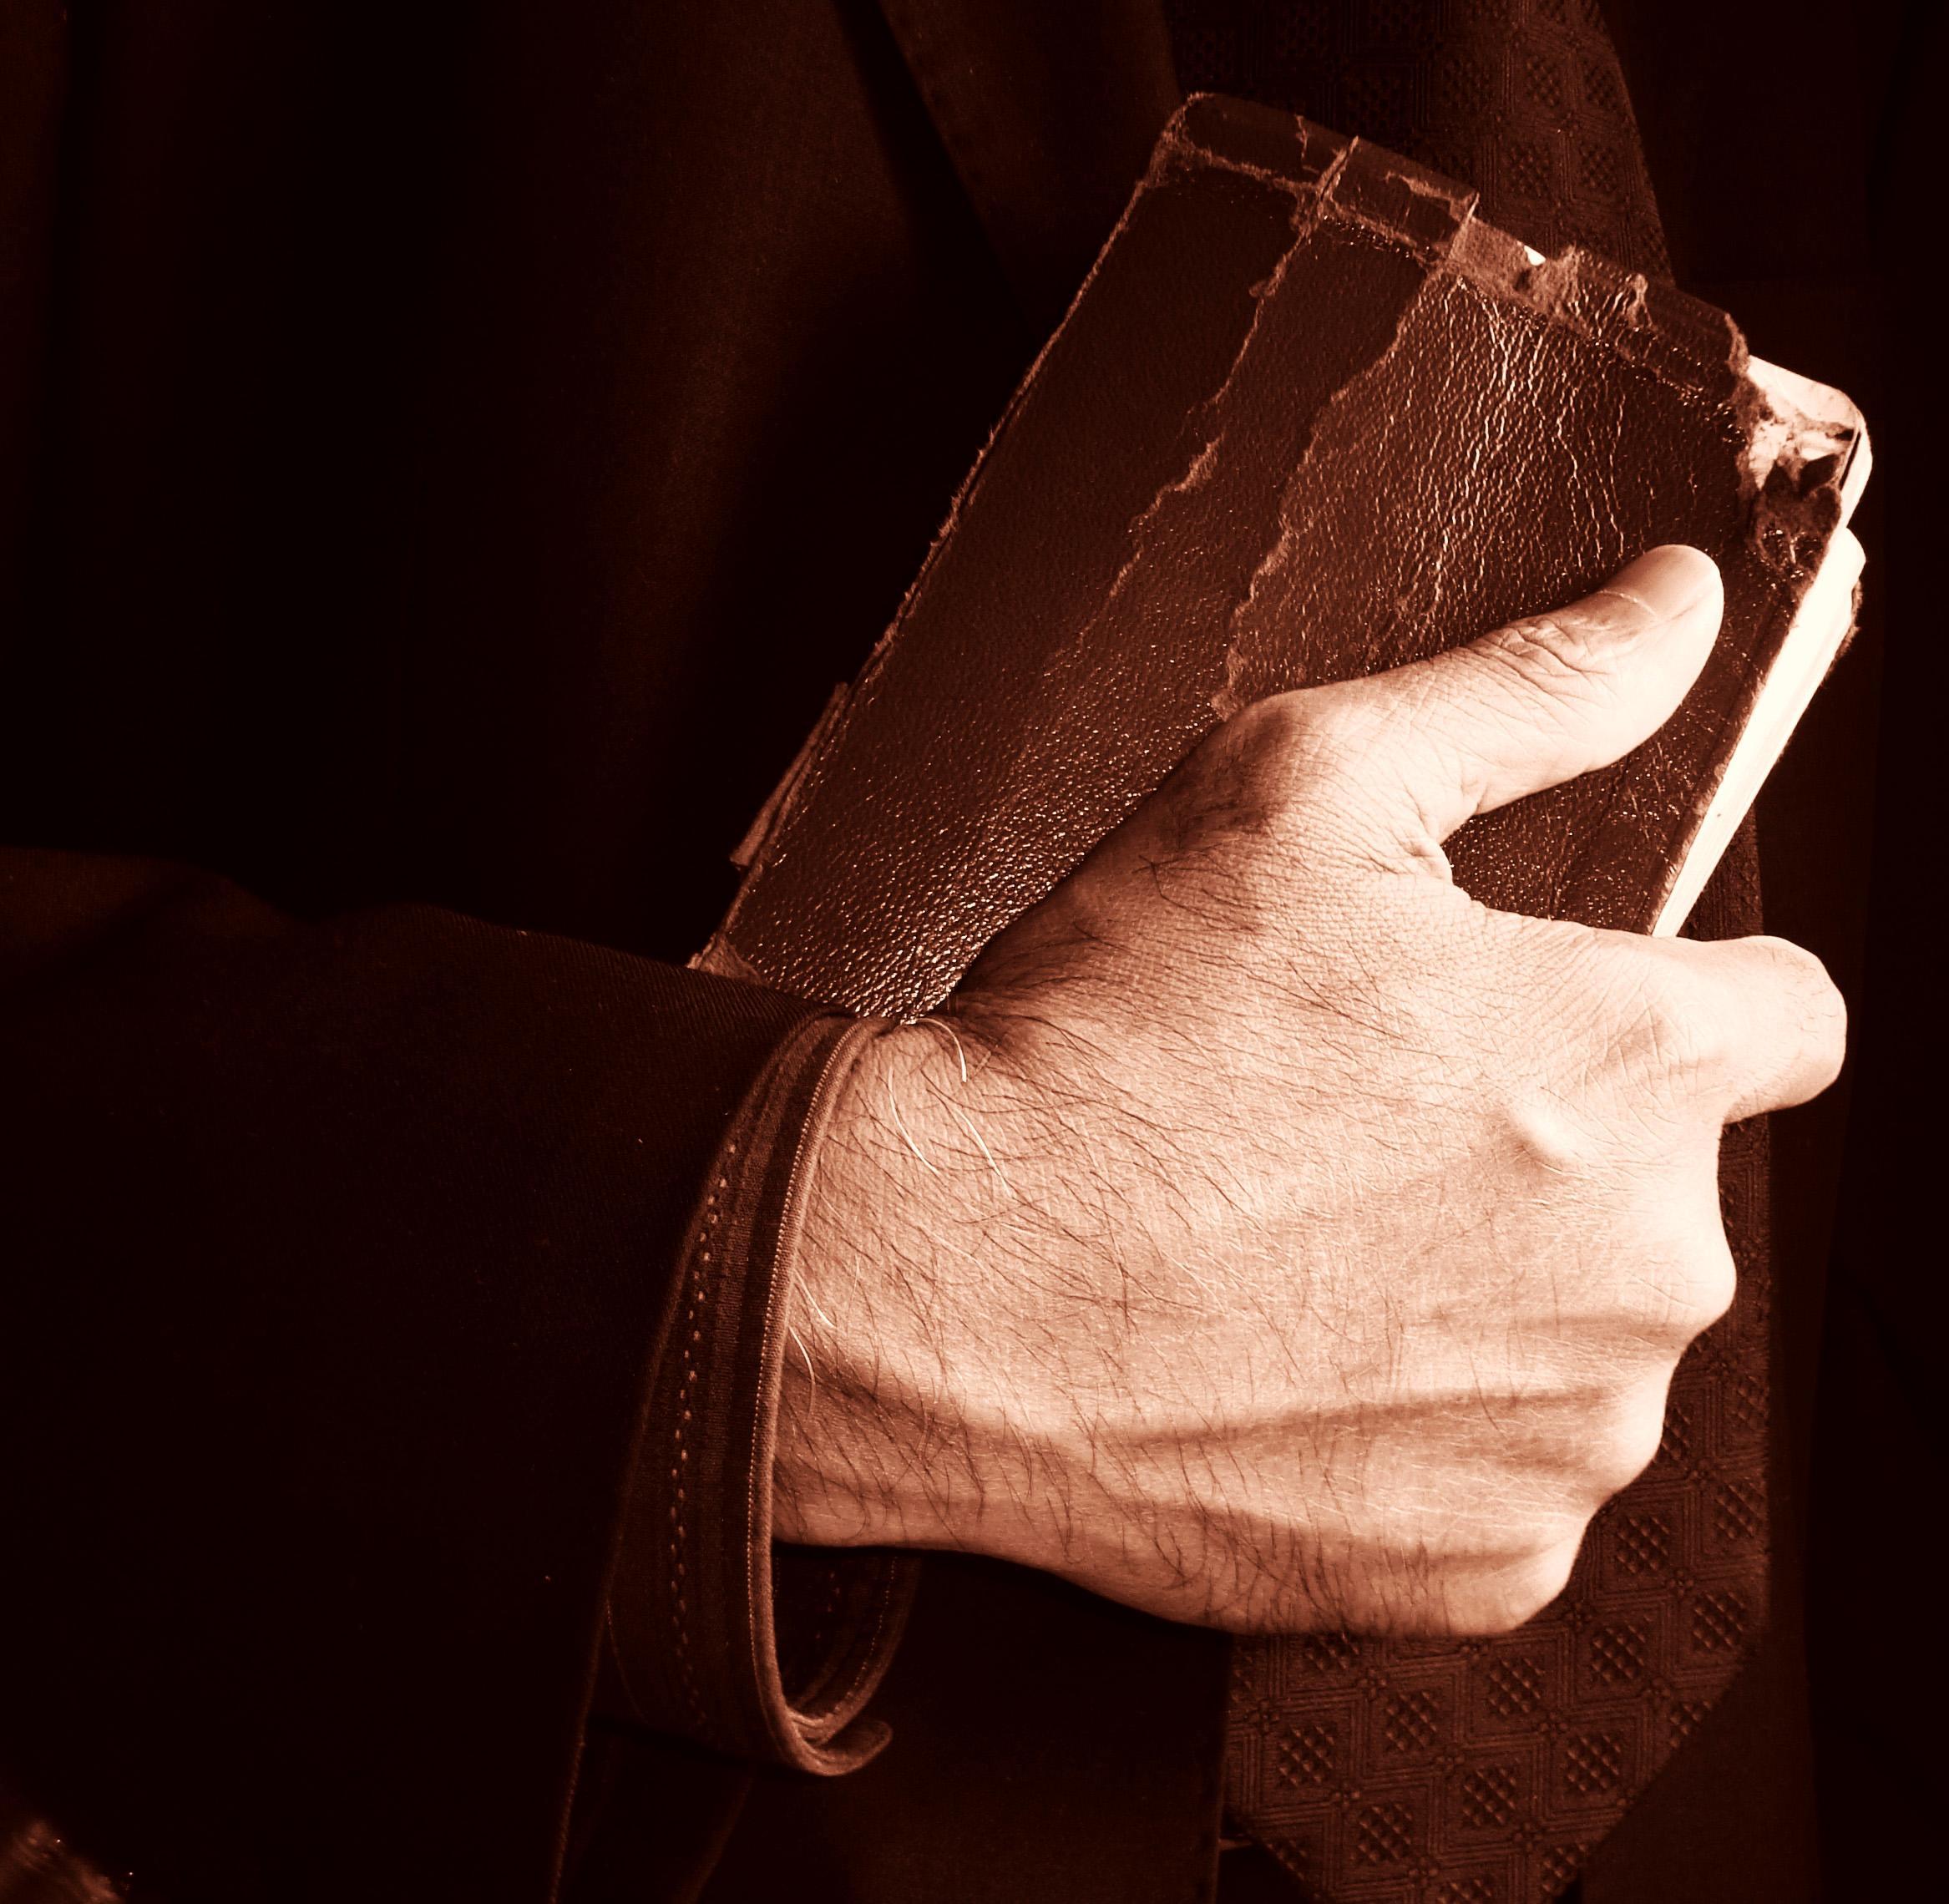 1178354 33782497 - Většina lidí Bibli nikdy nečetla, ale myslí si, že ví, co v ní je